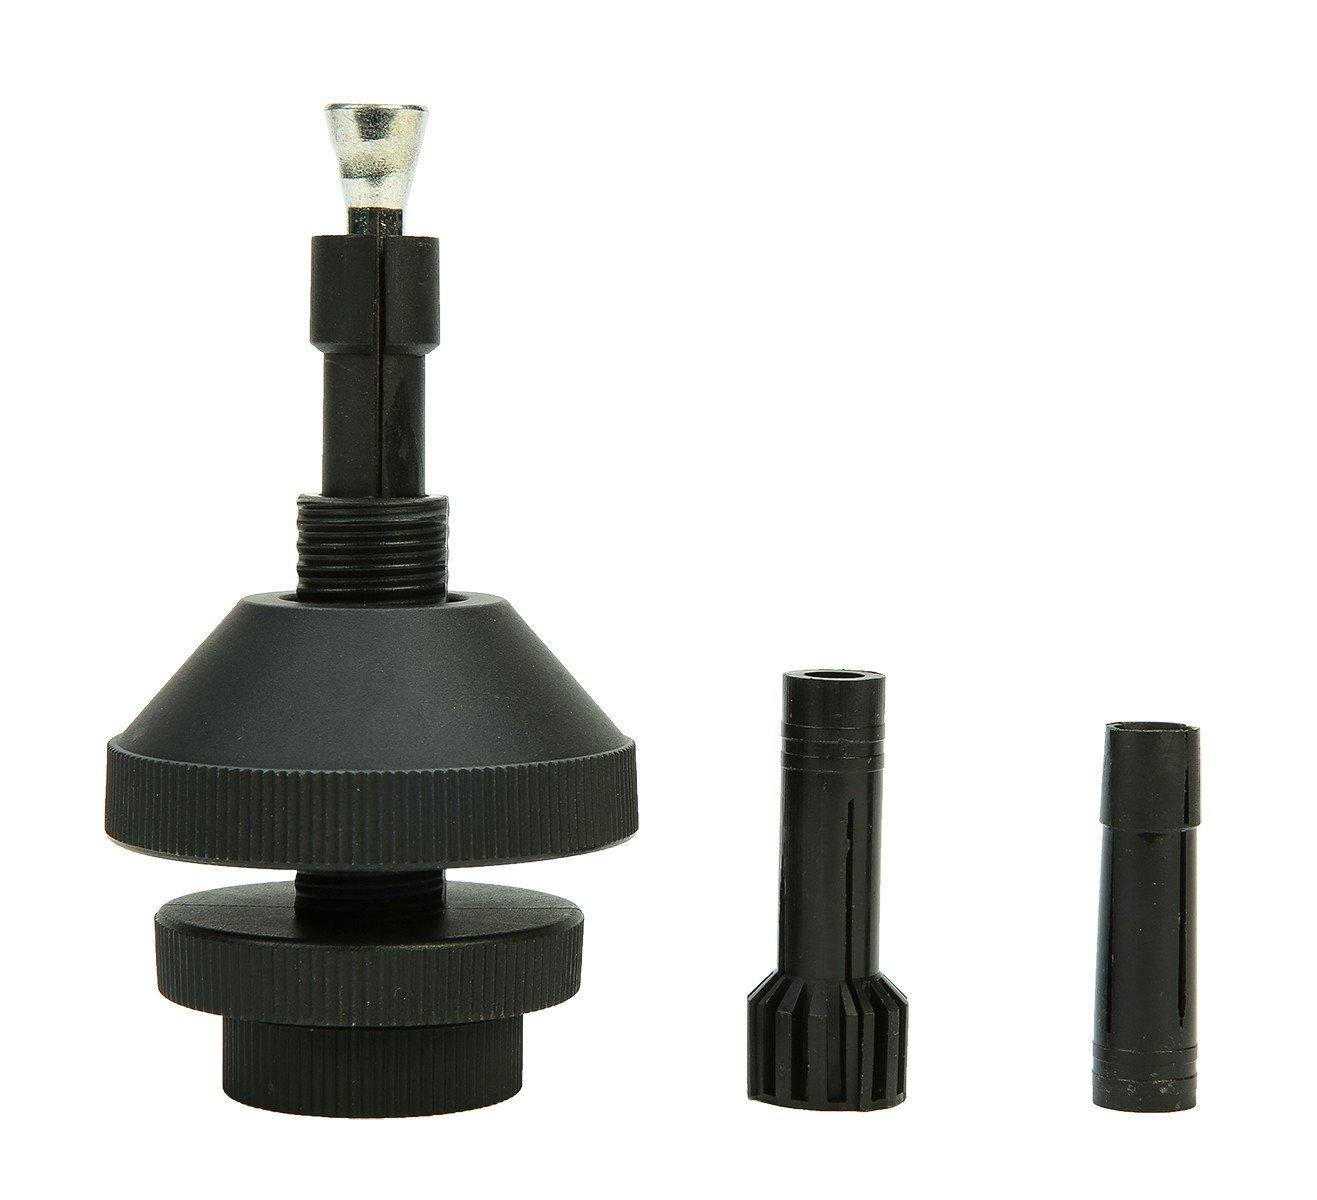 8milelake Universal Clutch Alignment Tool Aligner Kit